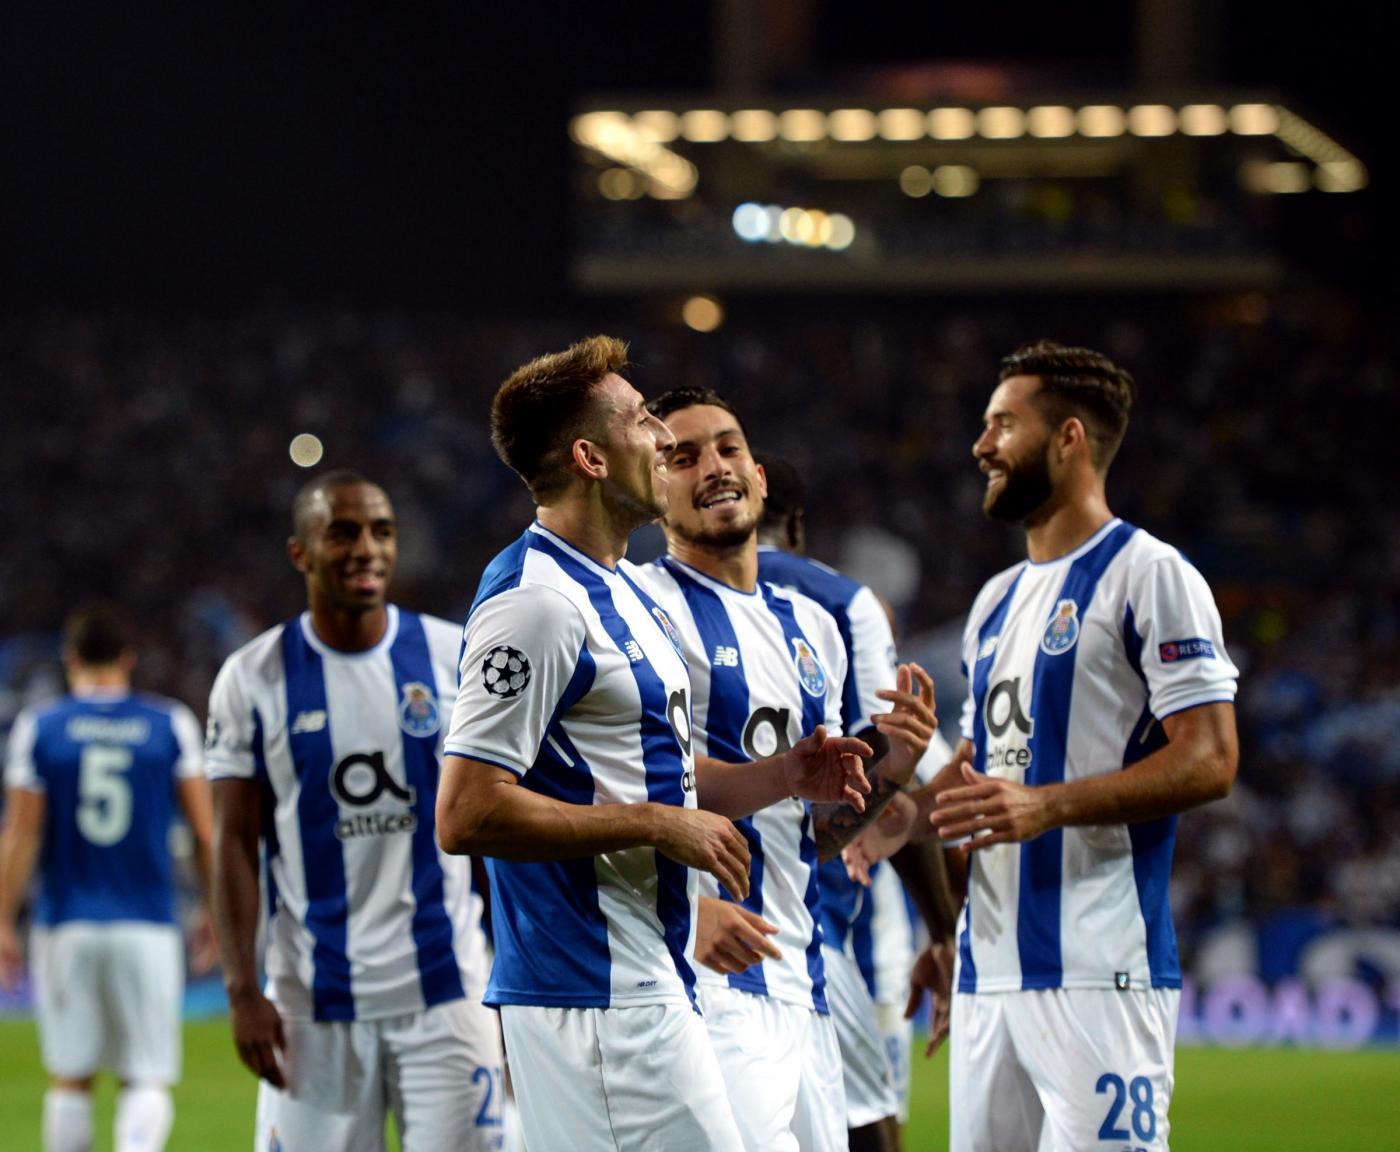 Champions League, Lokomotiv Mosca-Porto mercoledì 24 ottobre: analisi e pronostico della terza giornata della fase a gironi